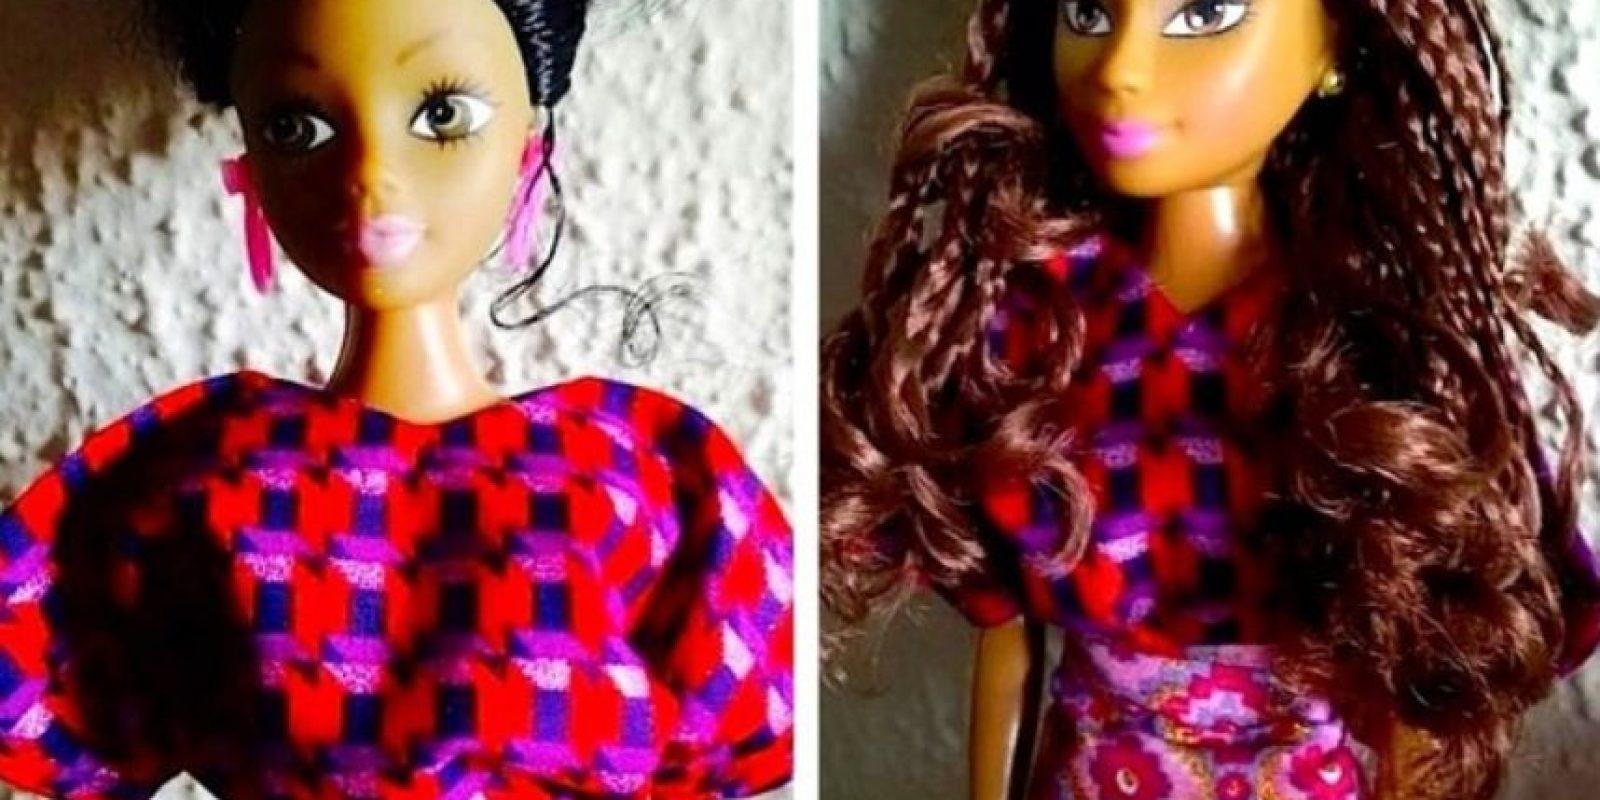 El nigeriano Taofick Otoya no encontraba una muñeca negra que se ajustase a lo que quería darle a su sobrina. Foto:Queens Of Africa-Black Nigerian/African Dolls